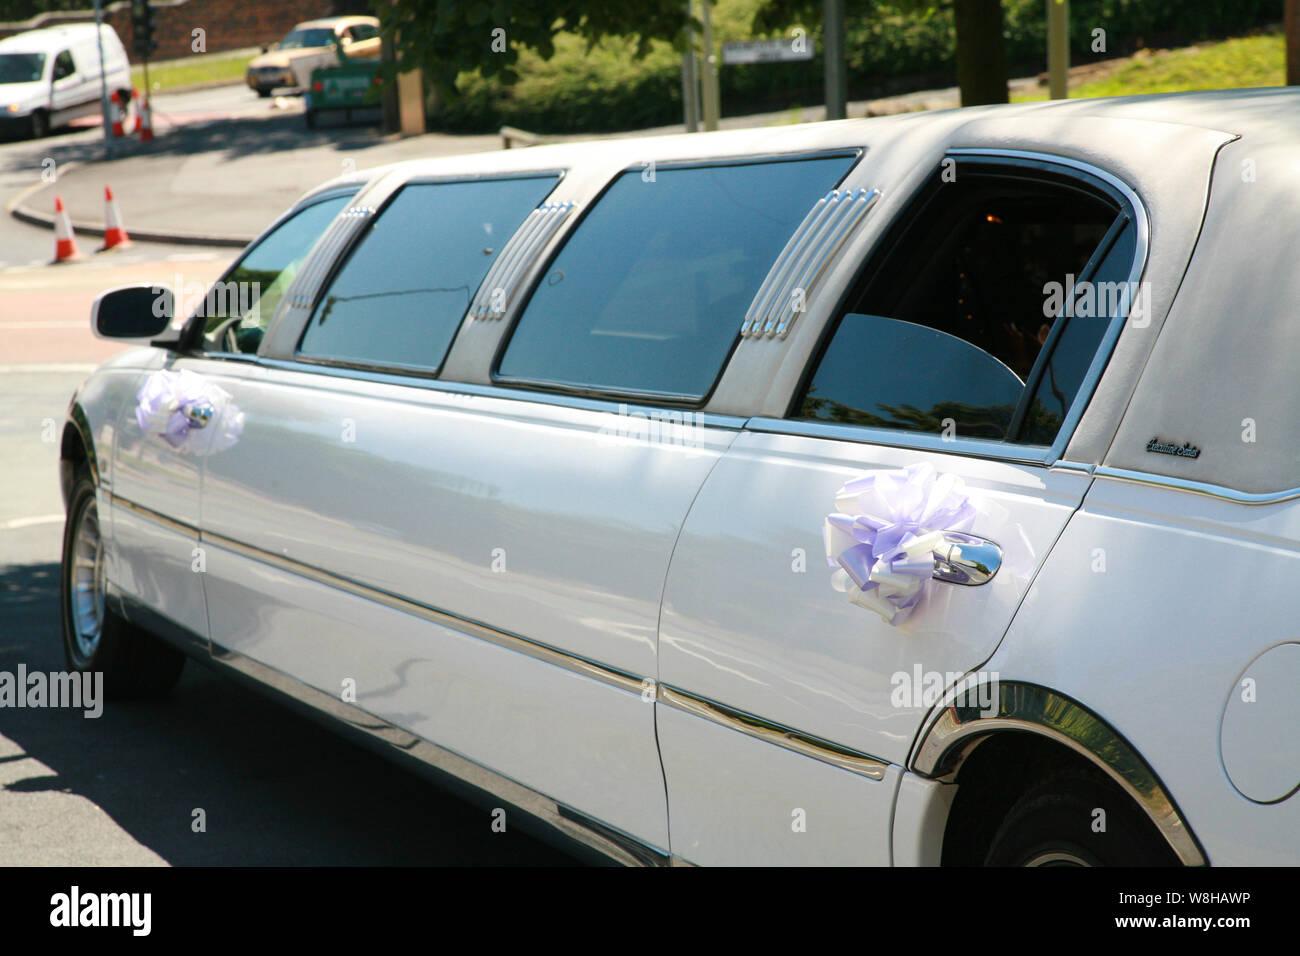 White Limousines Stock Photos & White Limousines Stock